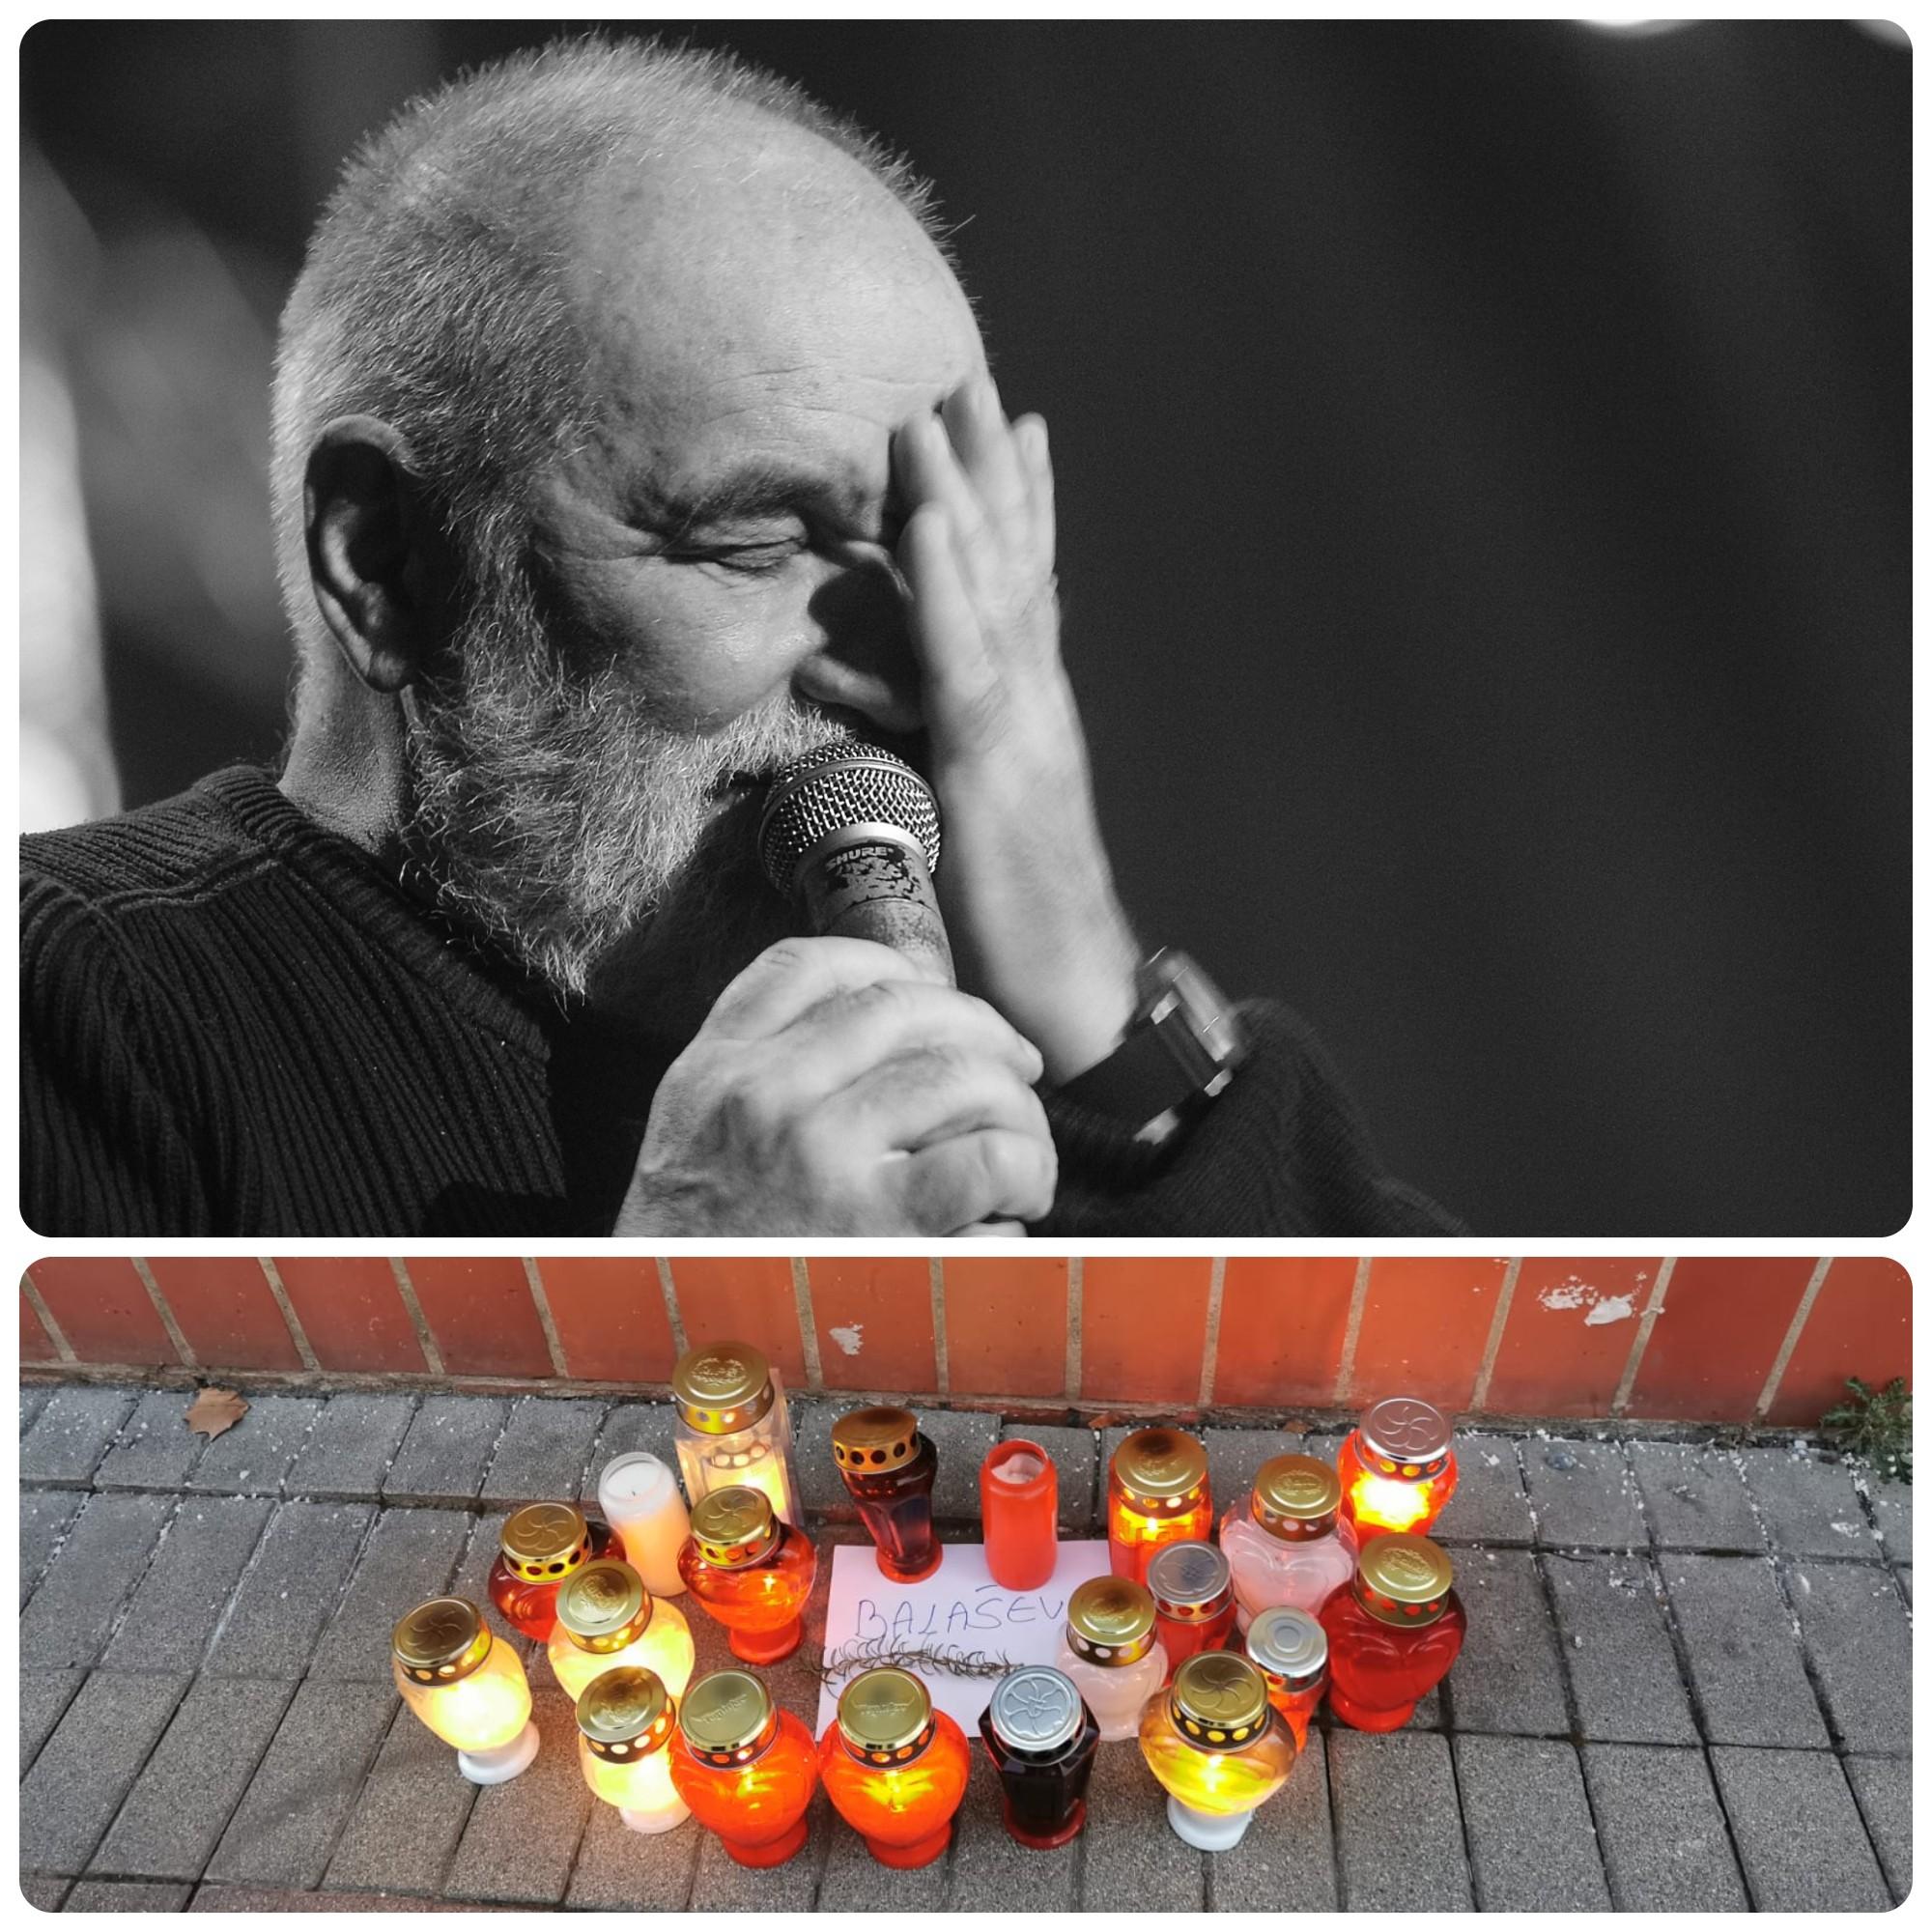 Svijeće za Đoleta zapaljene i u središtu Bjelovara